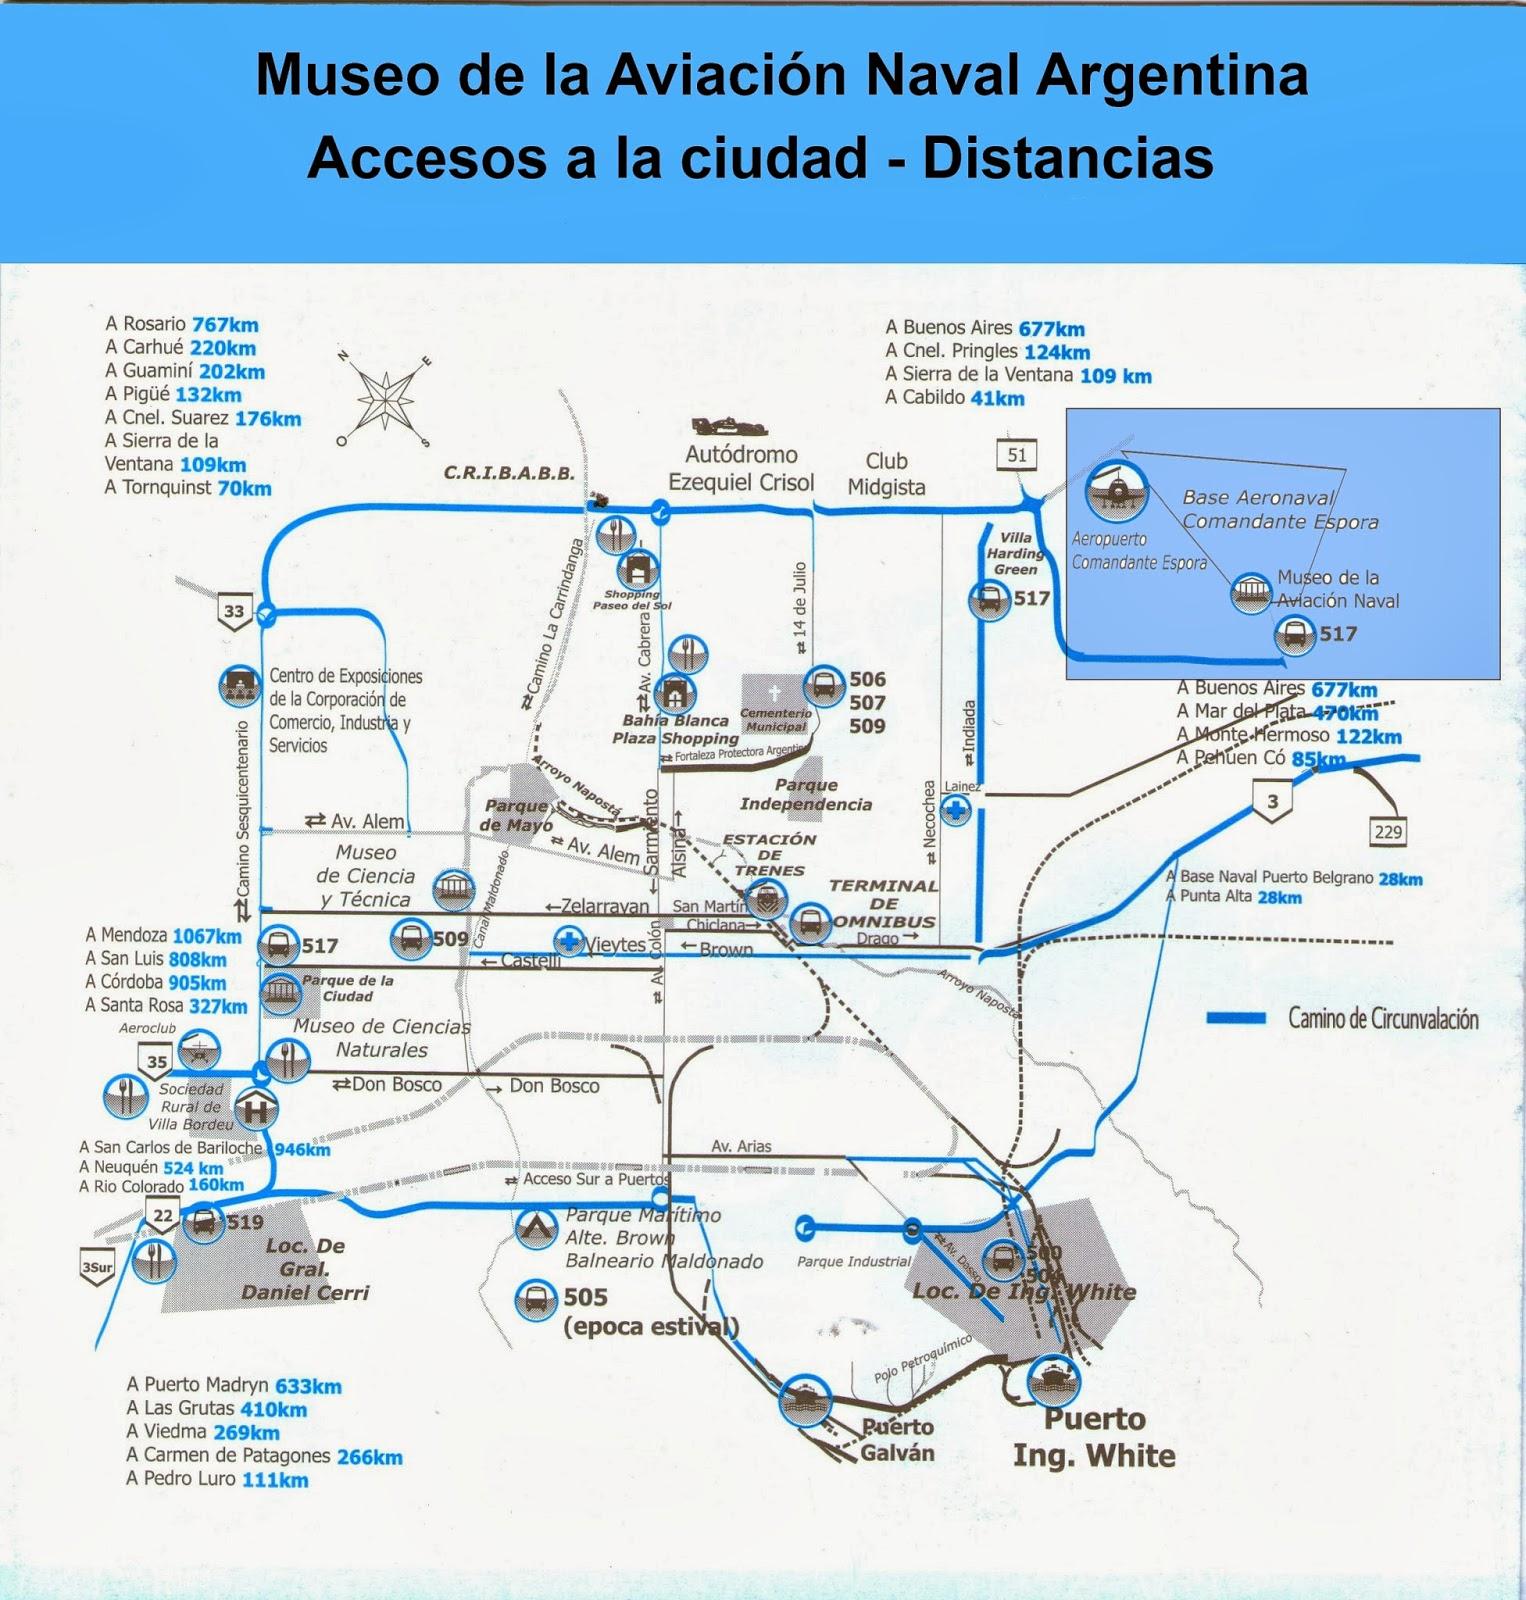 Museo de la aviacion naval argentina como llegar al muan for Como llegar al ministerio del interior